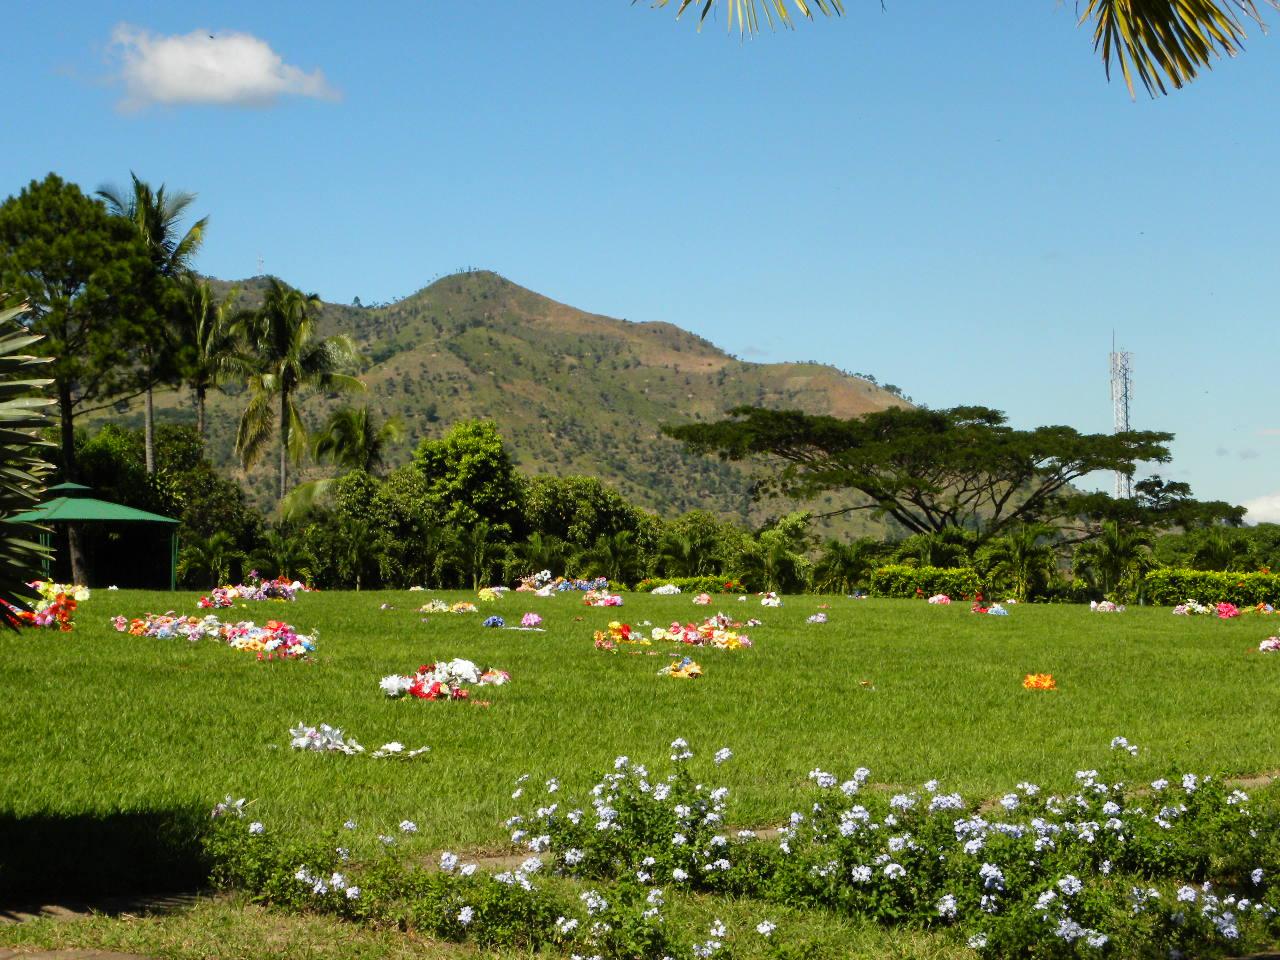 Parque jard n los olivos marzo 2012 for Cementerio parque jardin del sol pilar